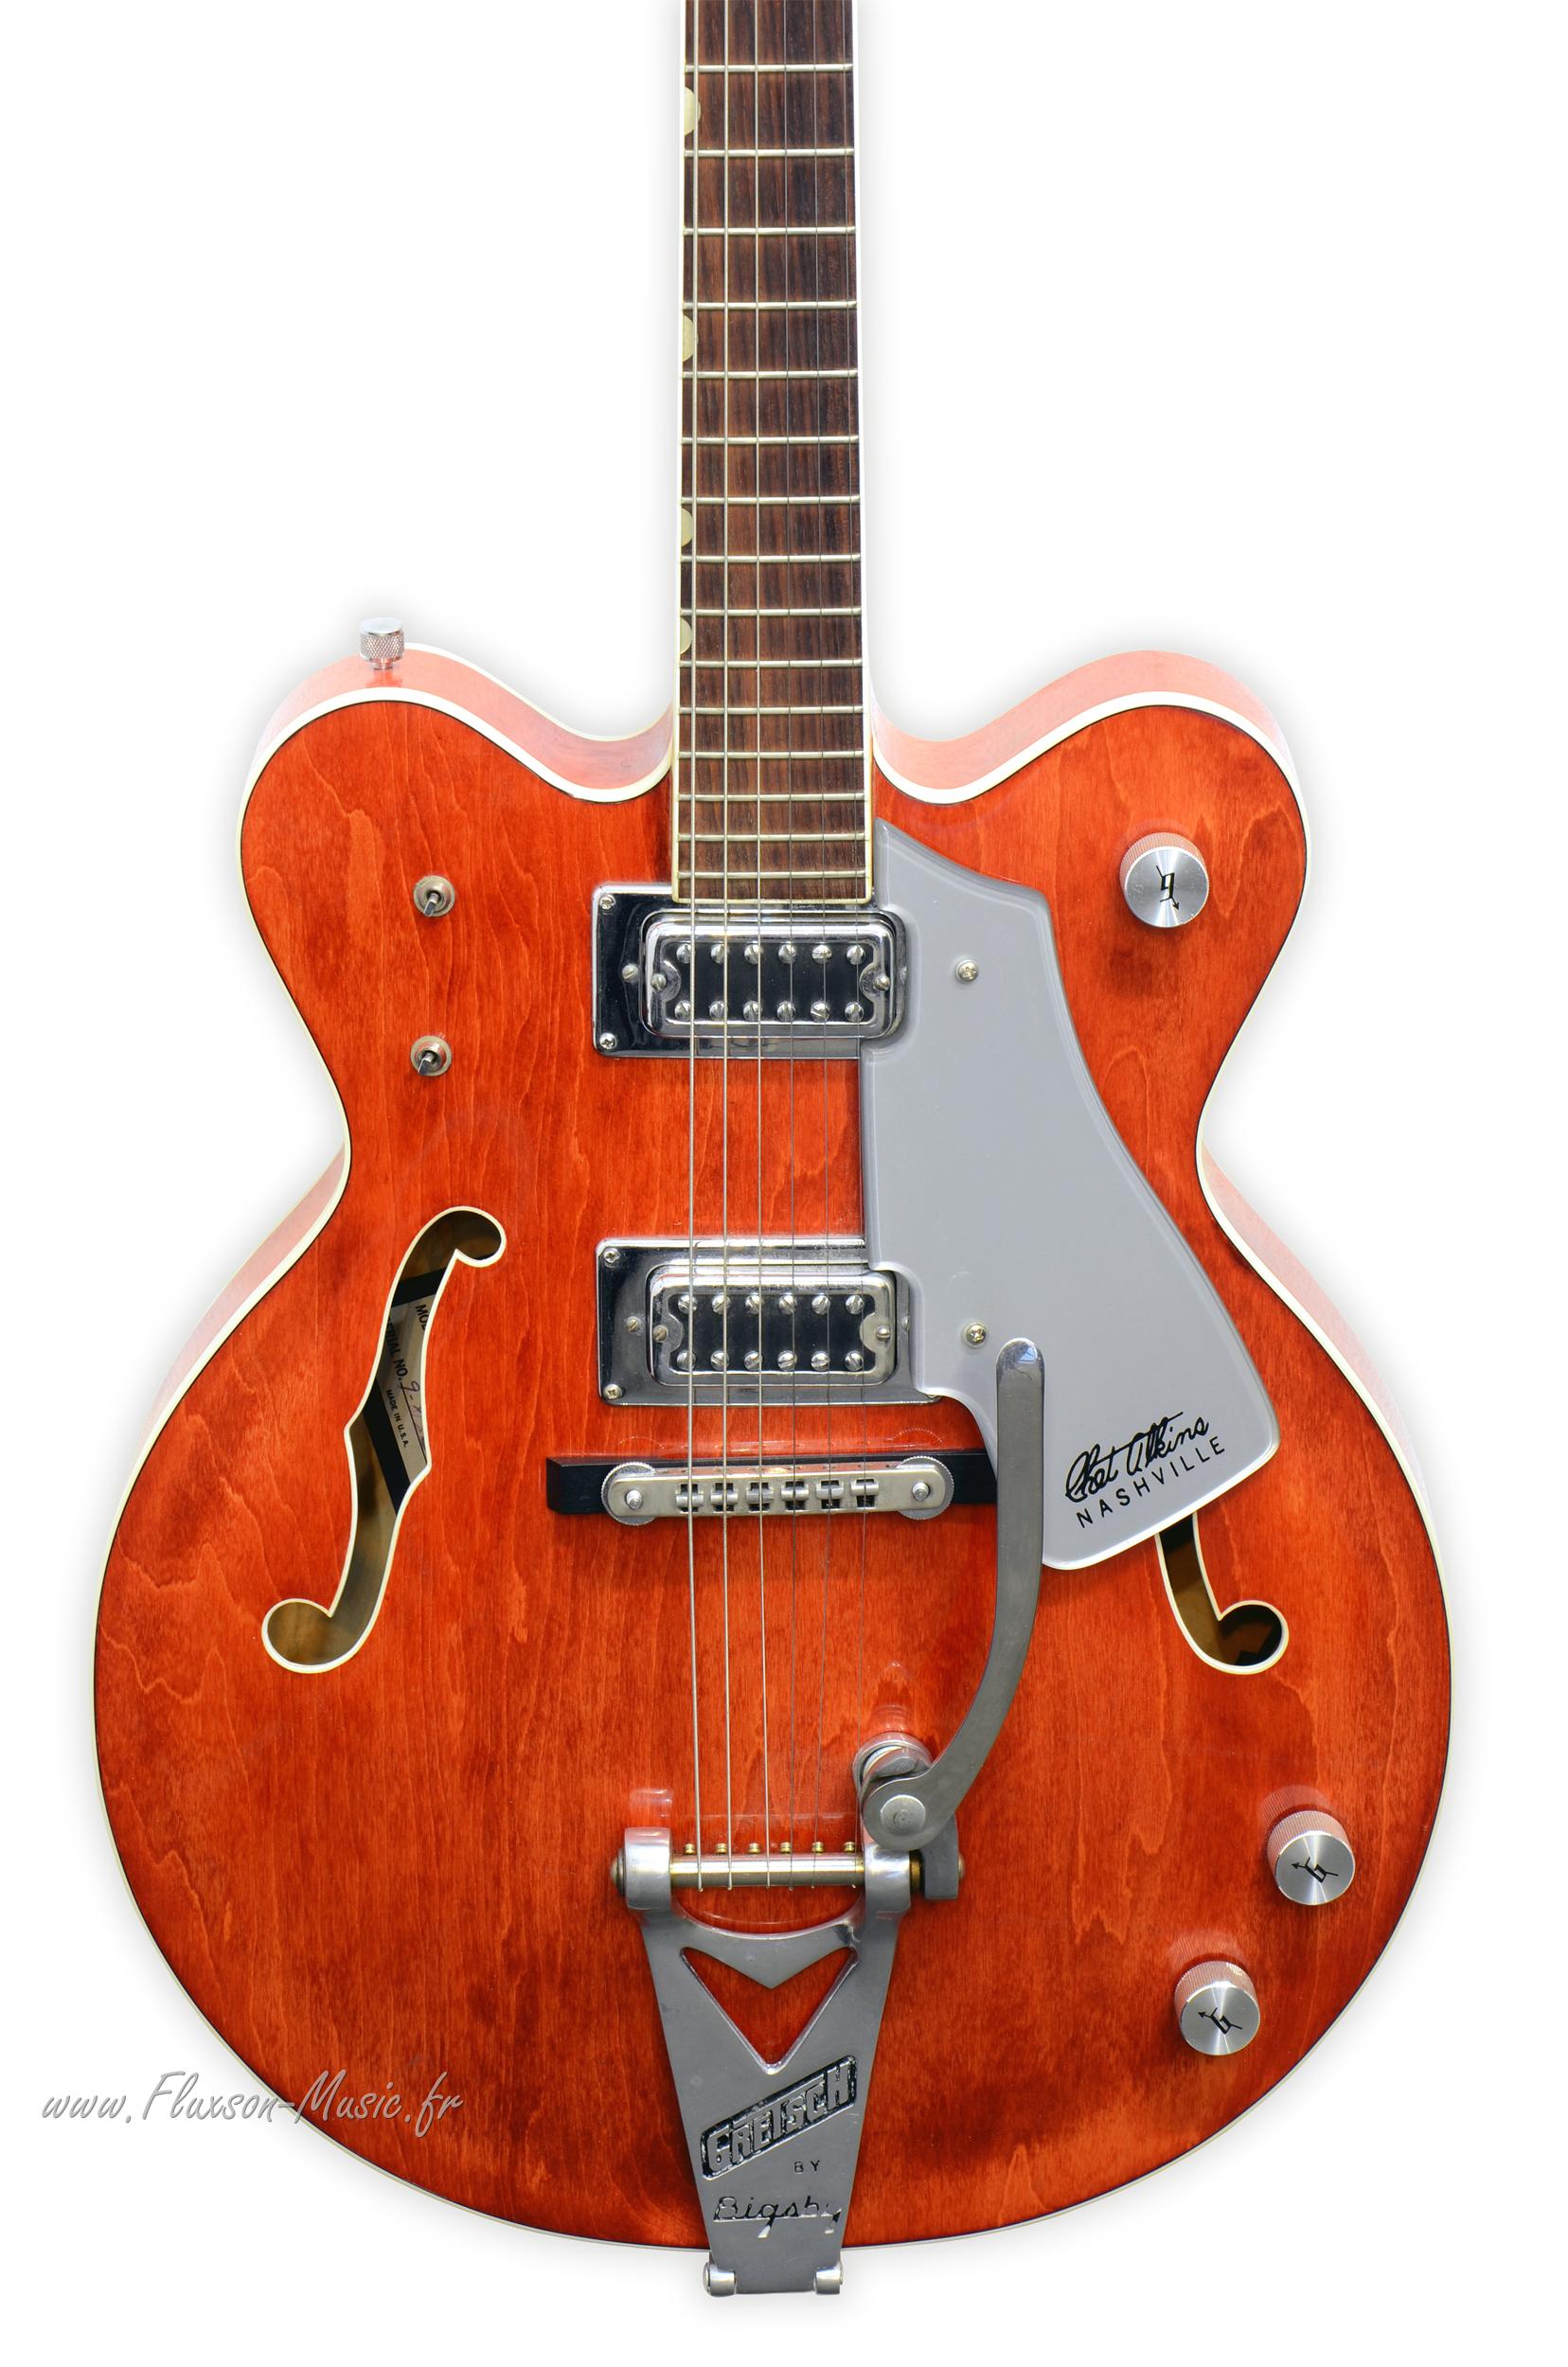 gretsch 6120 7660 chet atkins nashville 1976 guitar for sale fluxson music. Black Bedroom Furniture Sets. Home Design Ideas